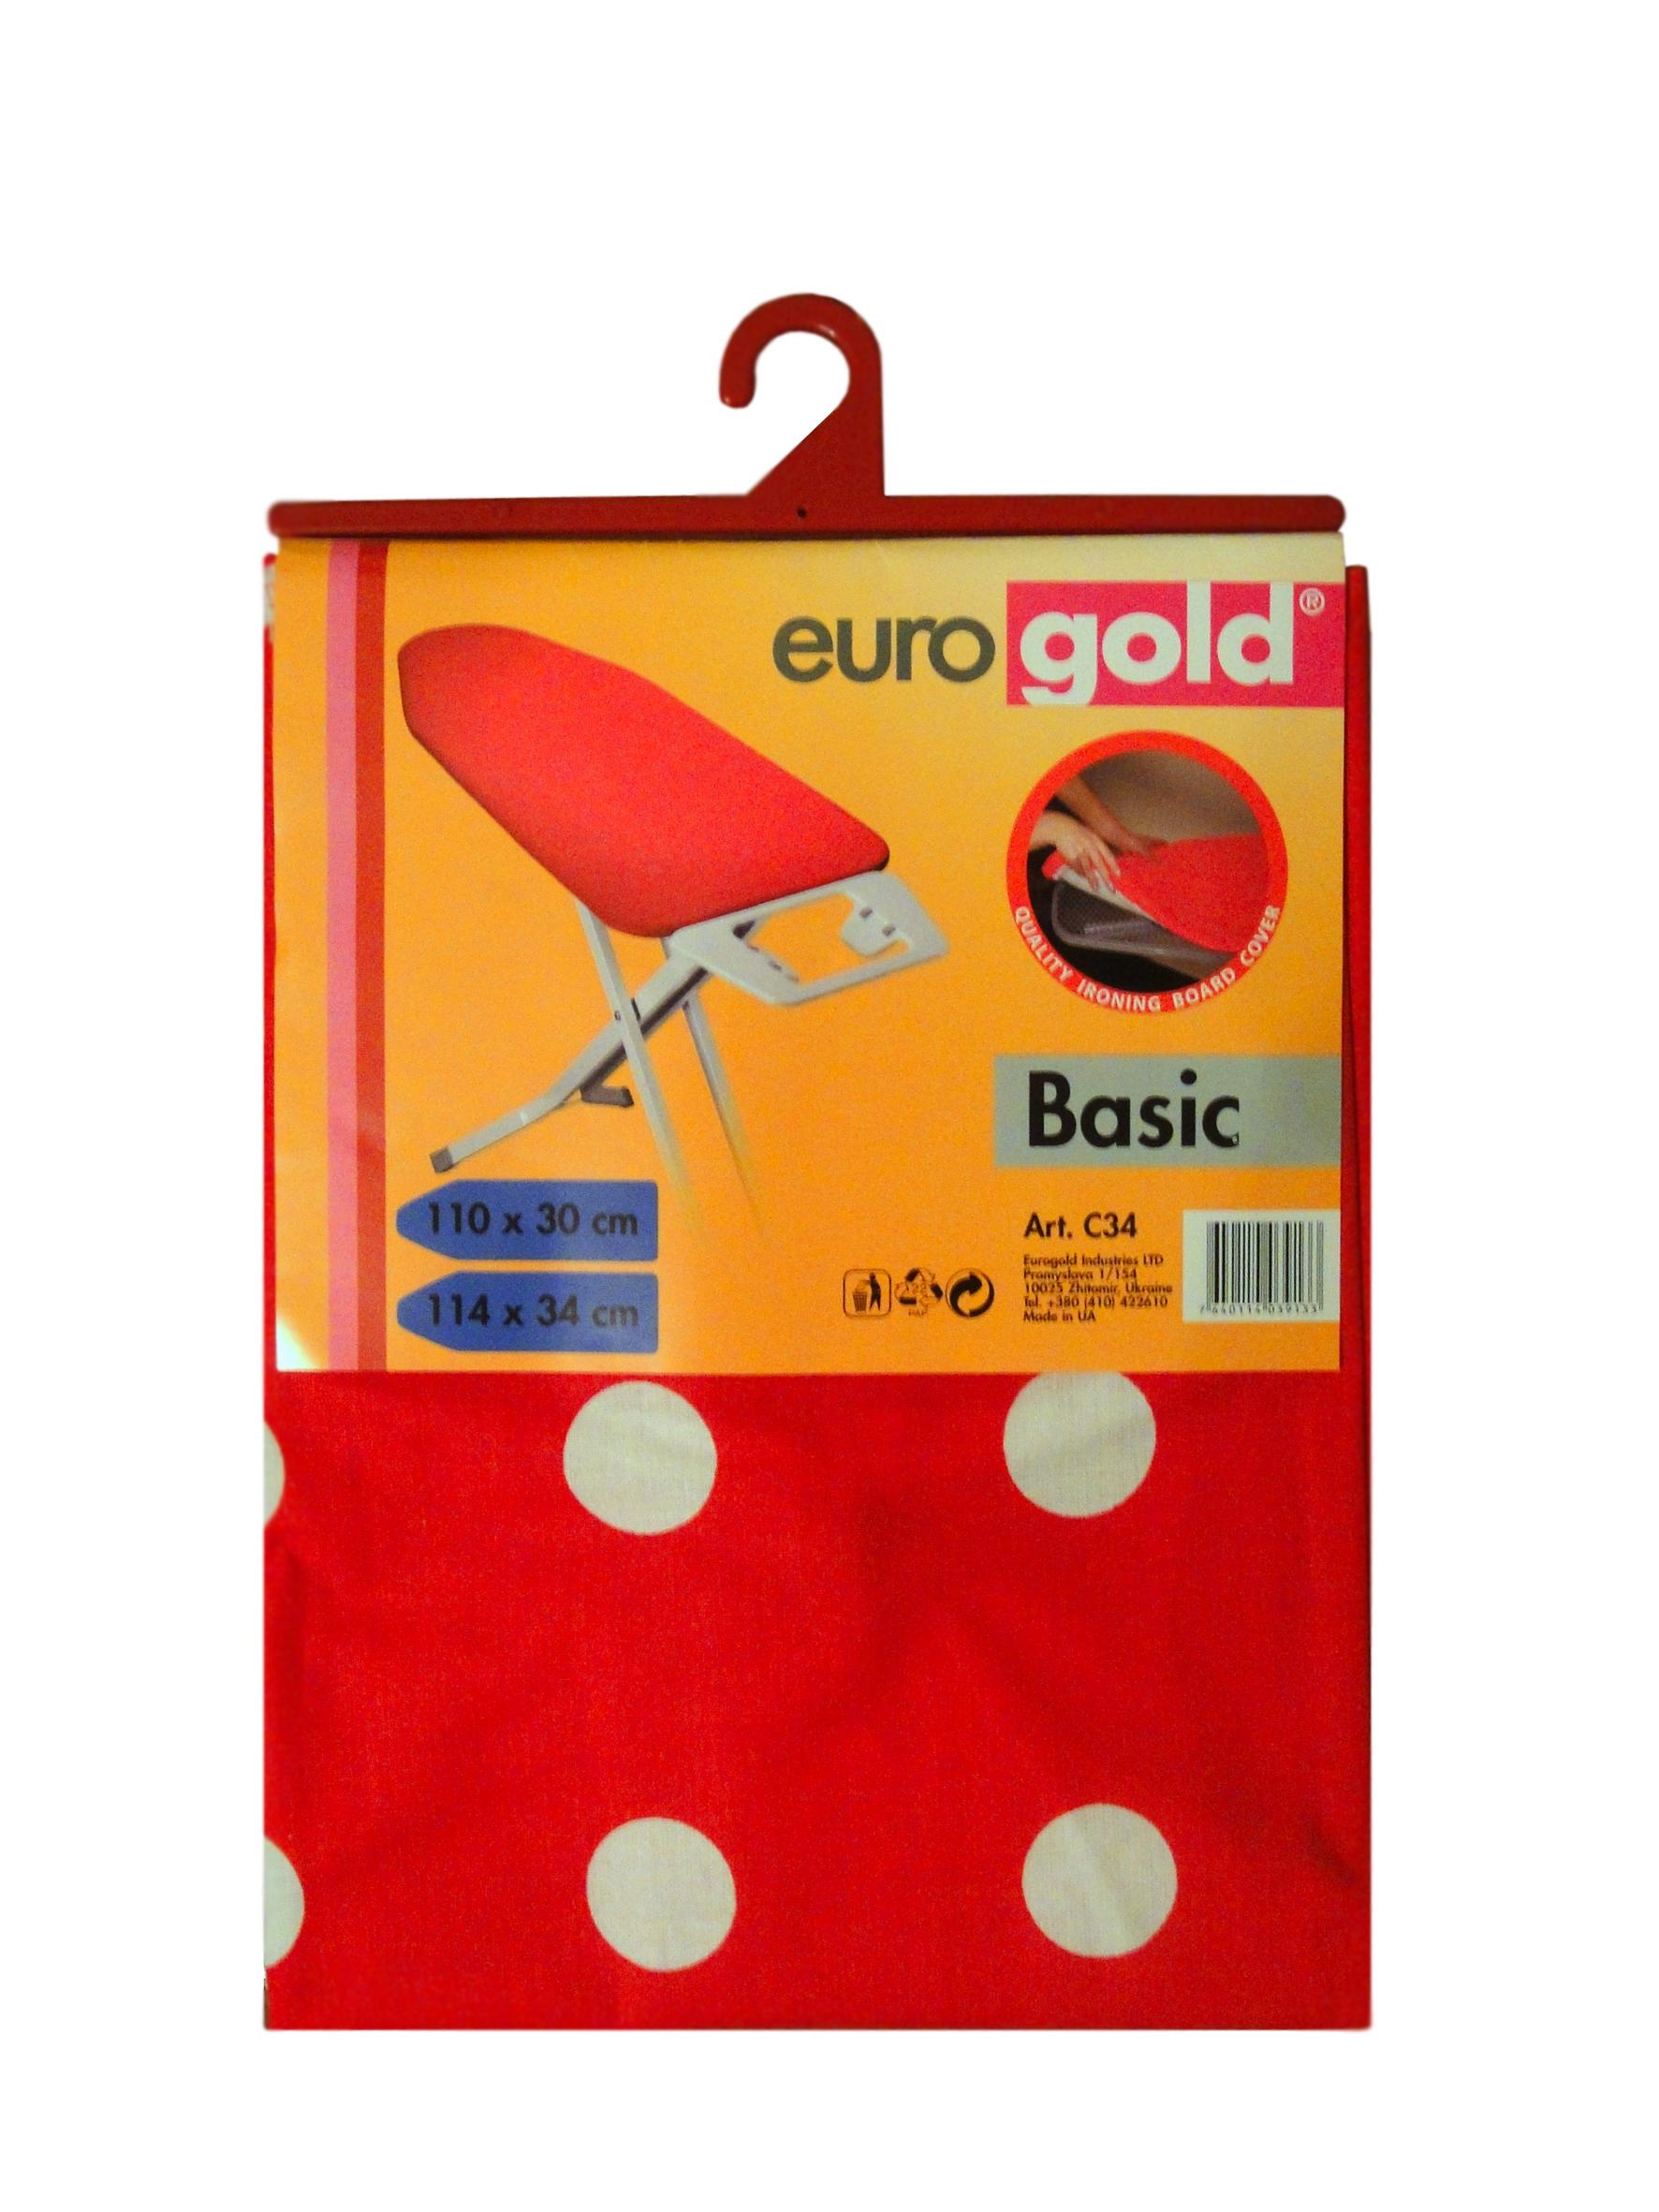 Чехлы и принадлежности Eurogold Real Brand Technics 189.000